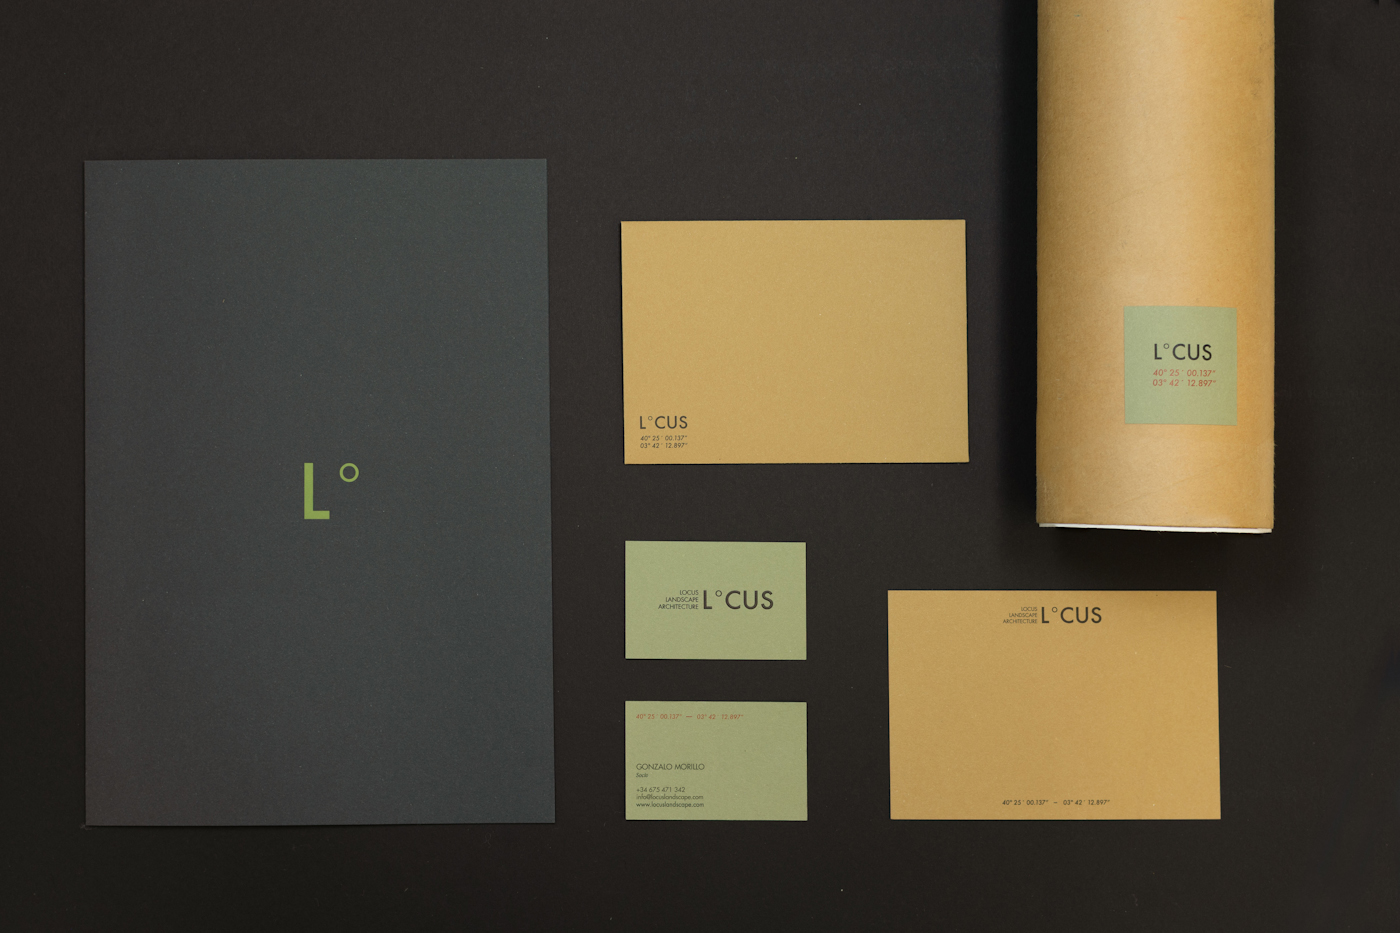 Locus + Materica = el equilibrio del paisaje